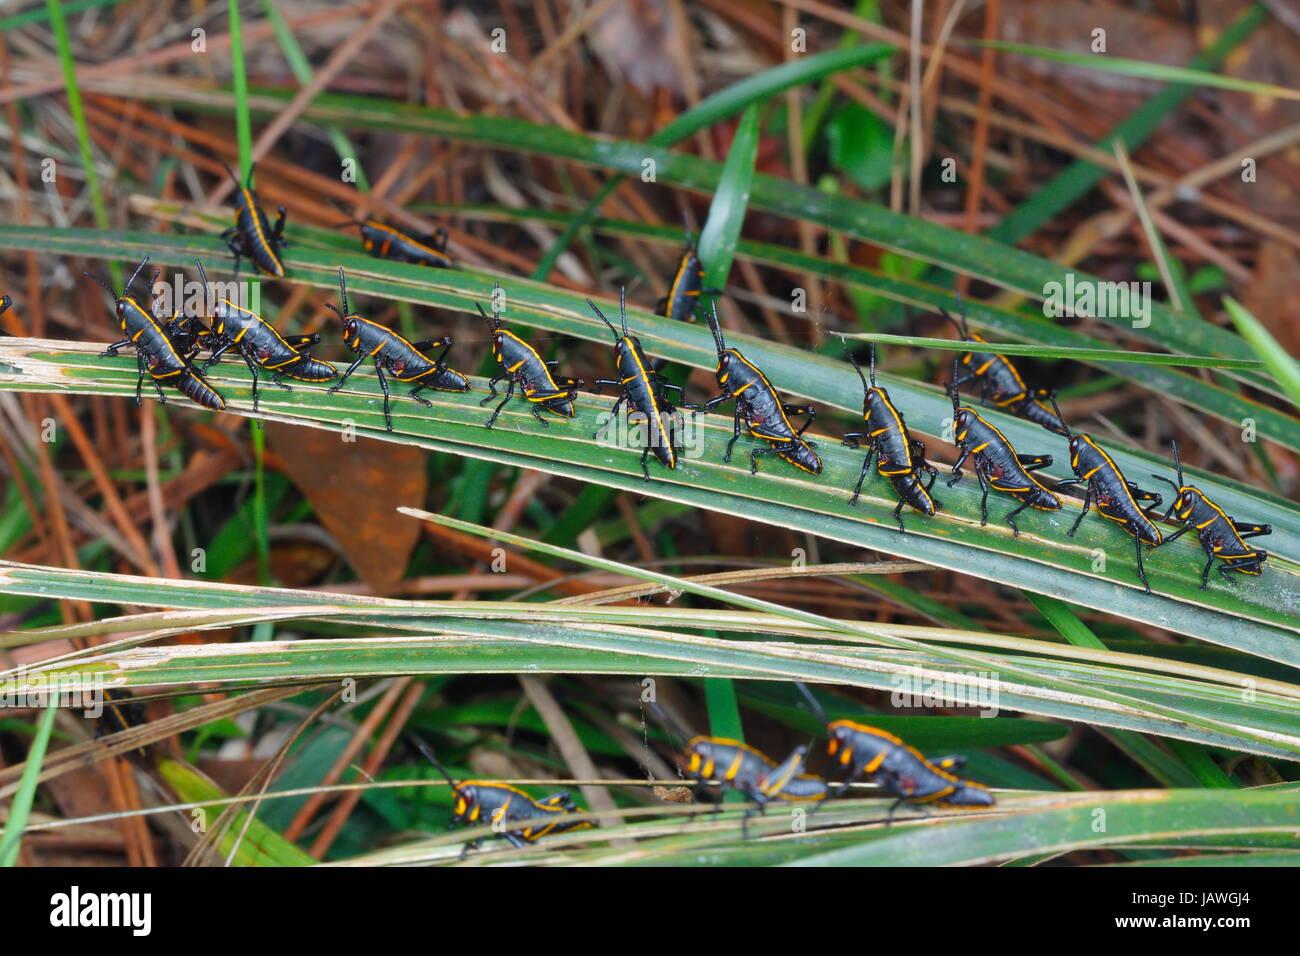 Lubber grasshopper nymphes, Romalia guttata, sortir du sol dans les grands groupes. Photo Stock